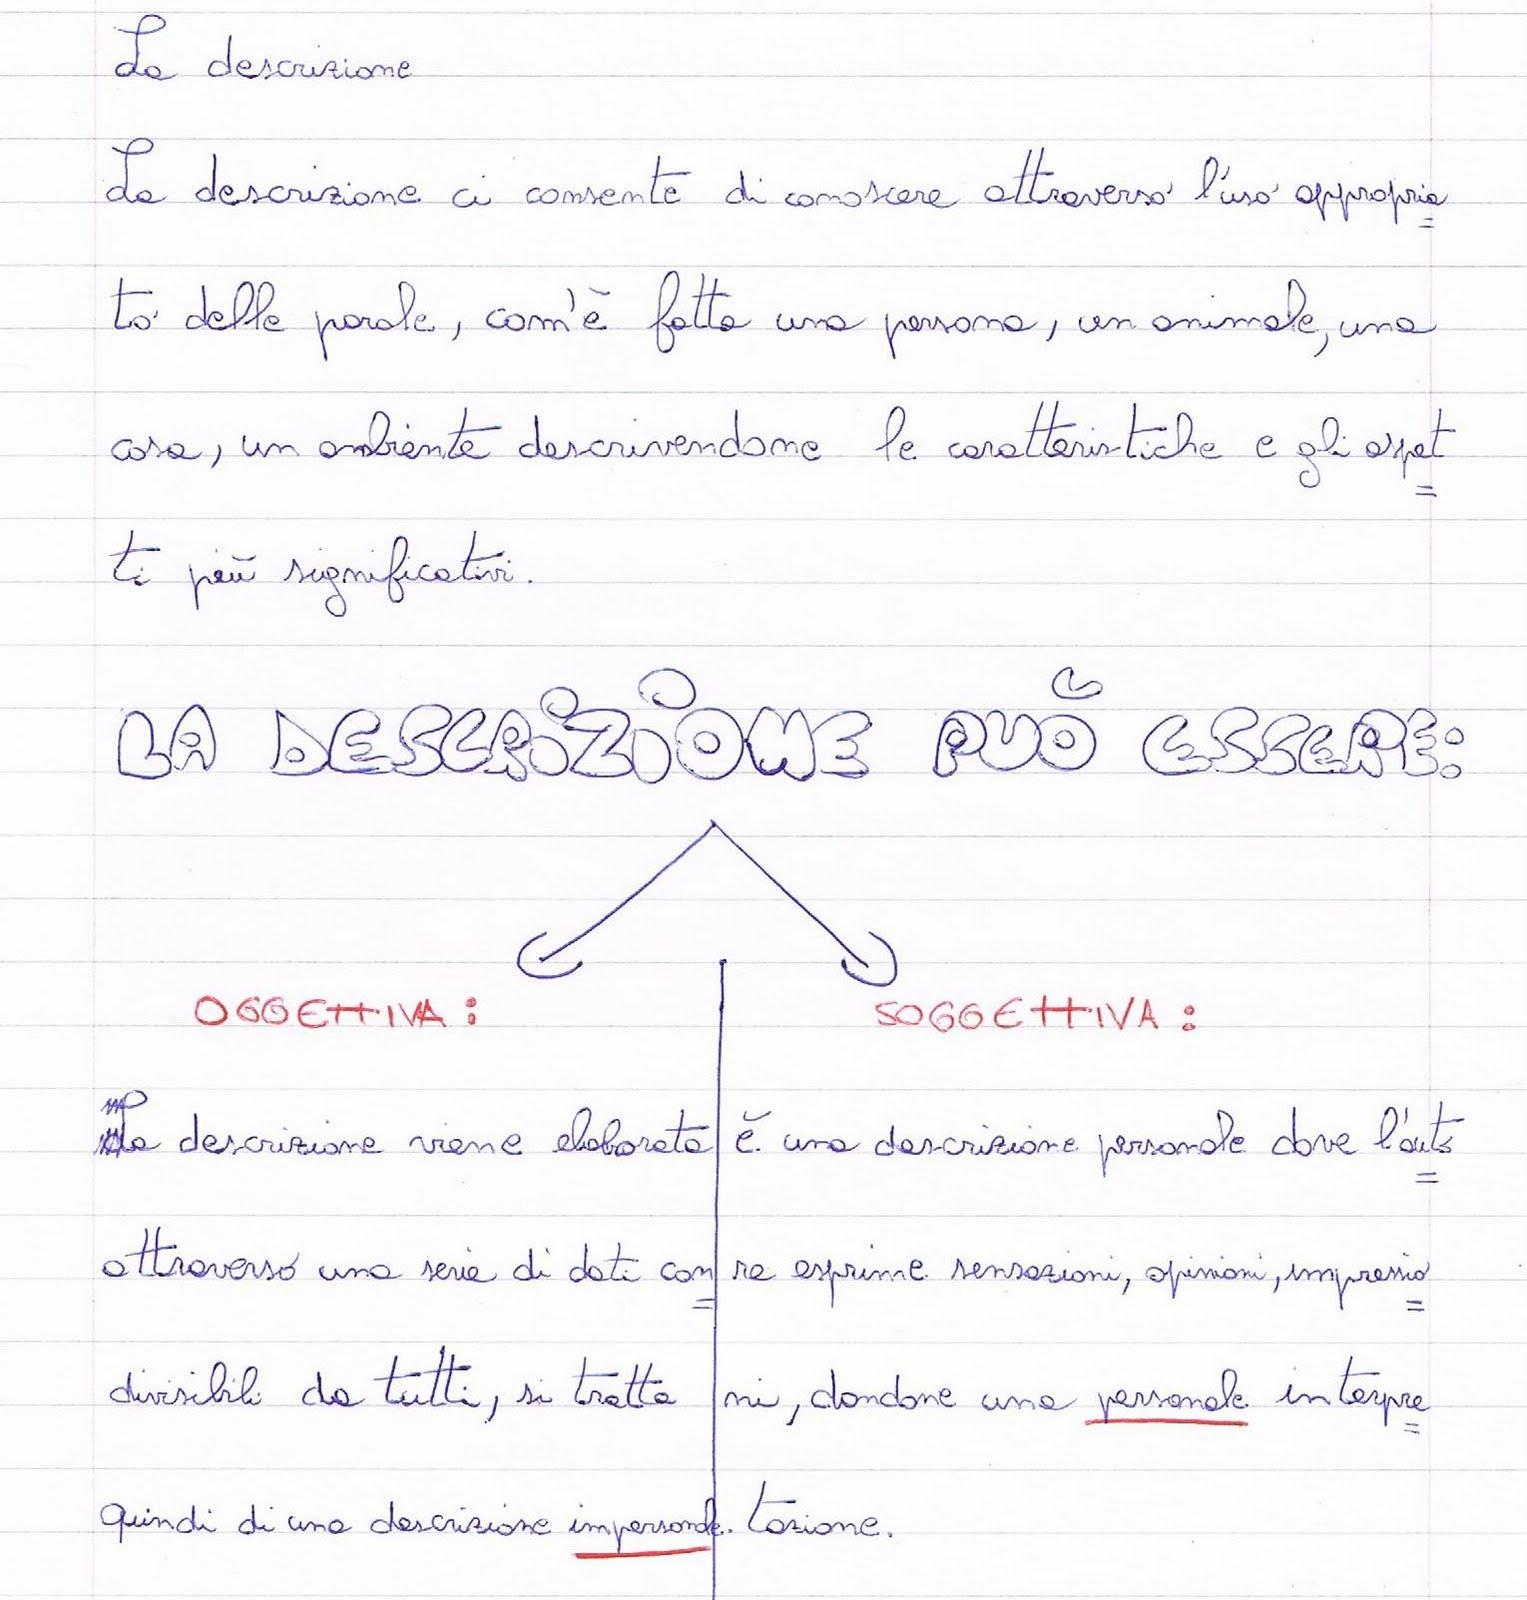 La descrizione oggettiva e soggettiva La mia aula La traccia del lavoro i testi